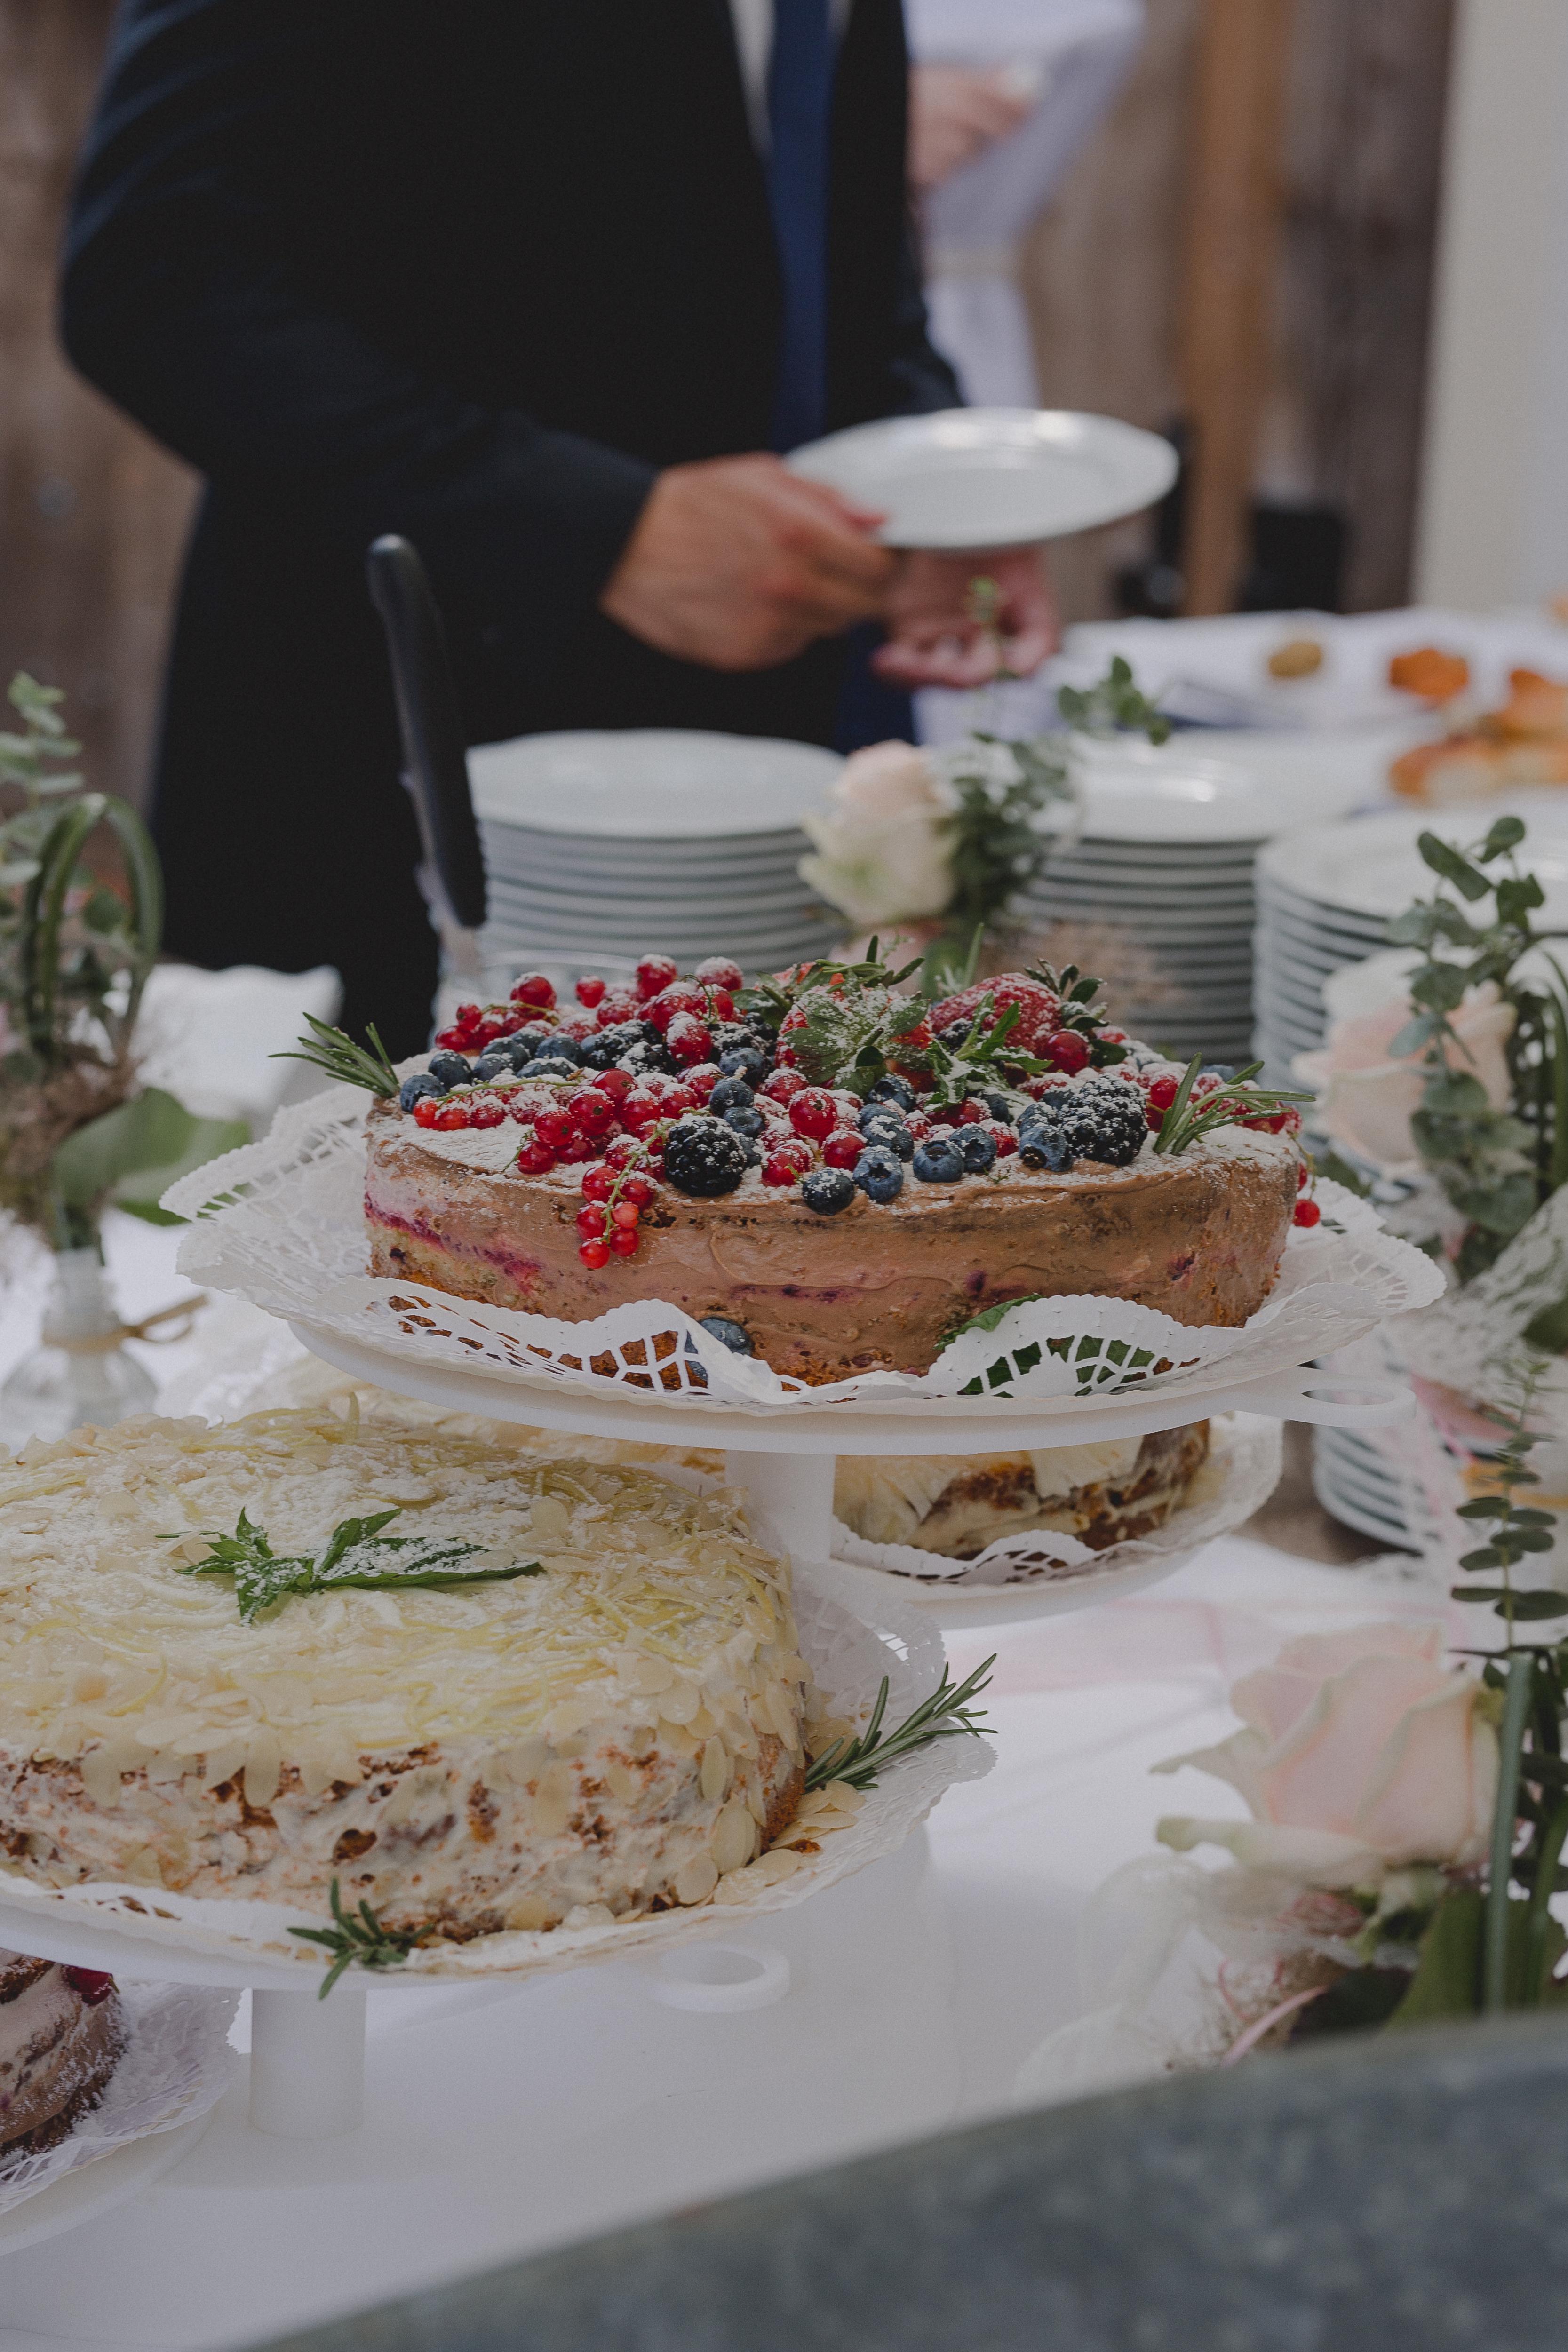 URBANERIE_Daniela_Goth_Vintage_Hochzeitsfotografin_Nuernberg_Fuerth_Erlangen_180630_0906